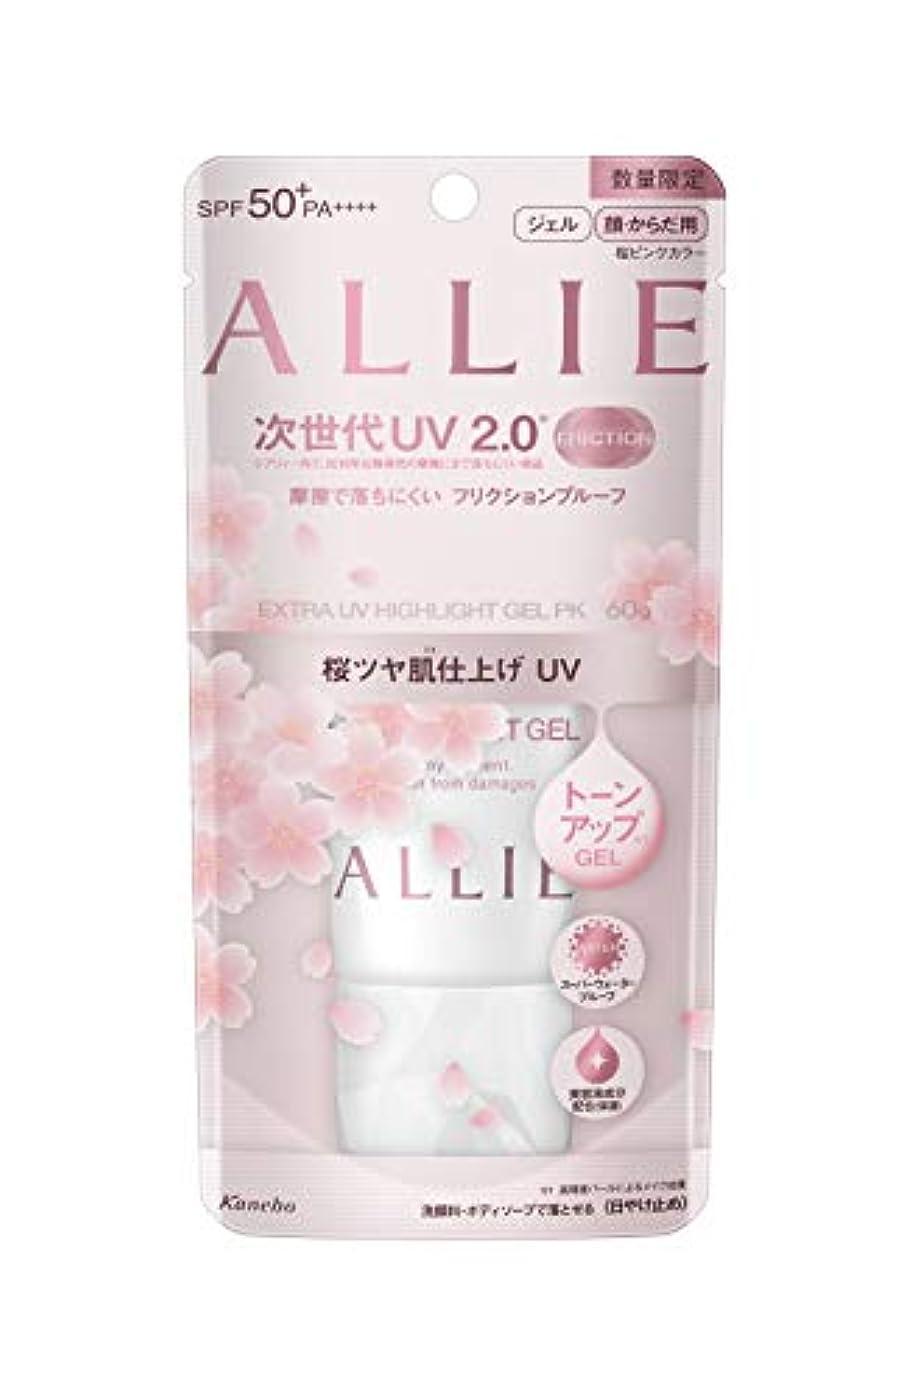 かき混ぜる消すあえてアリィー エクストラUV ハイライトジェル 日焼け止め 桜の香り SPF50+/PA++++